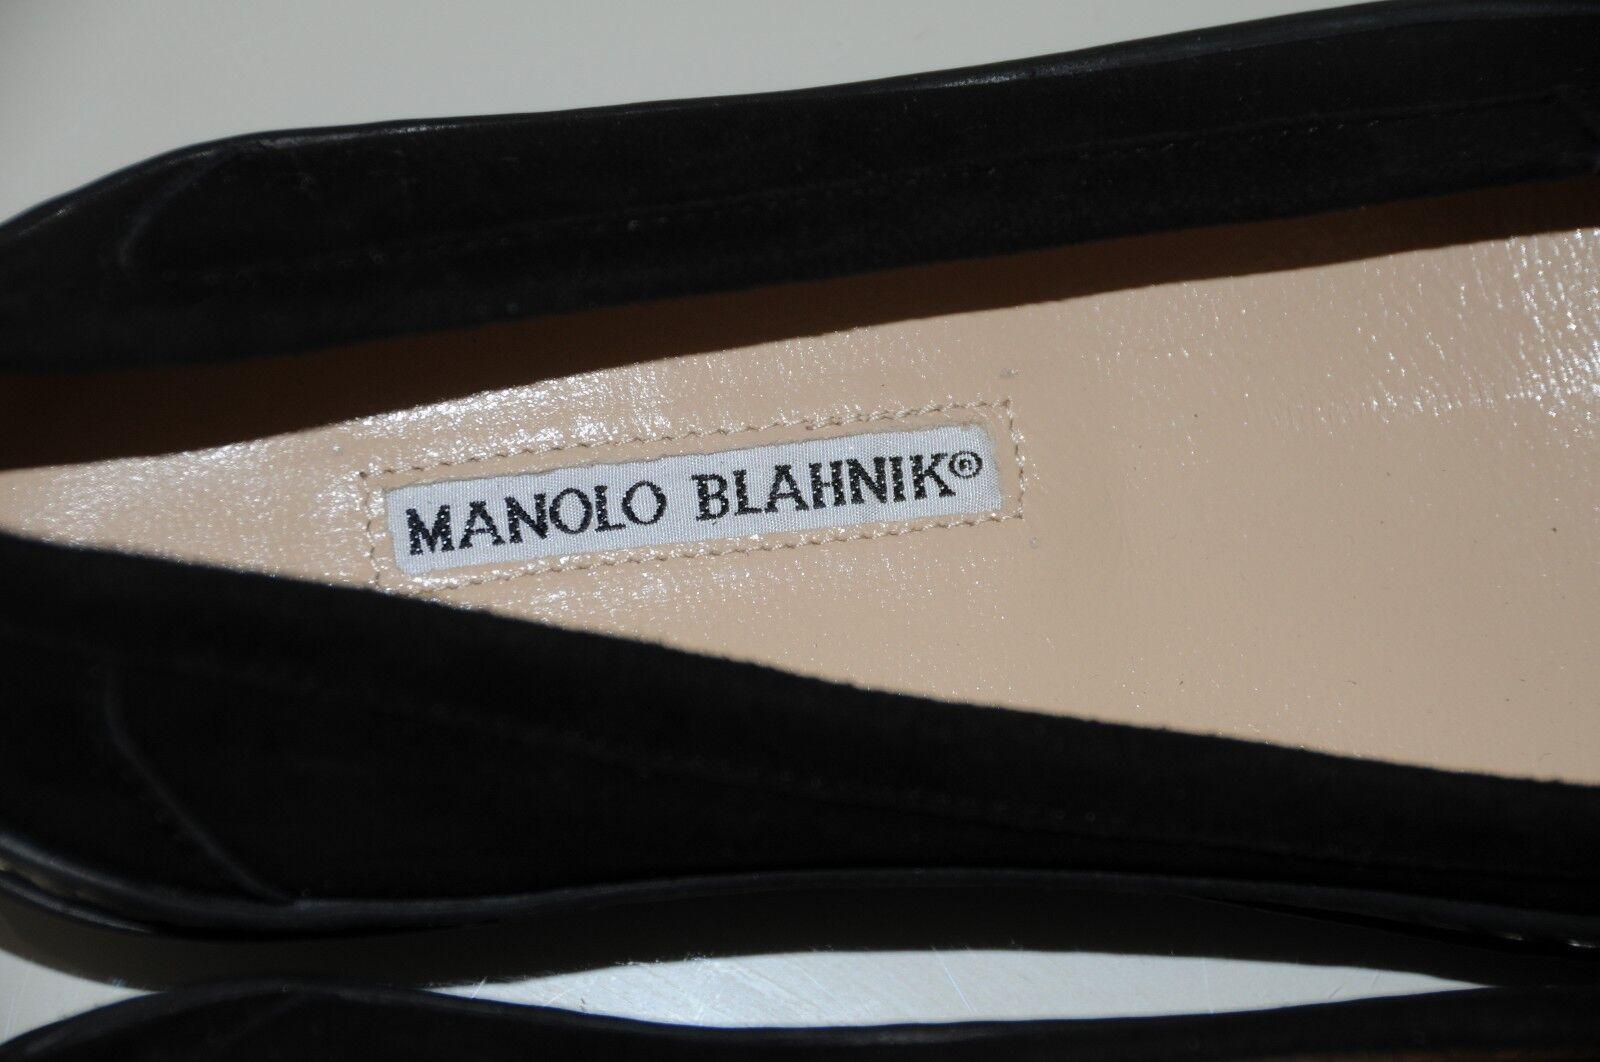 Nuovo Manolo Manolo Manolo Blahnik Basse Ford Camoscio Driving Mocassini Scarpe Nere 36.5 34.5 8b19b4